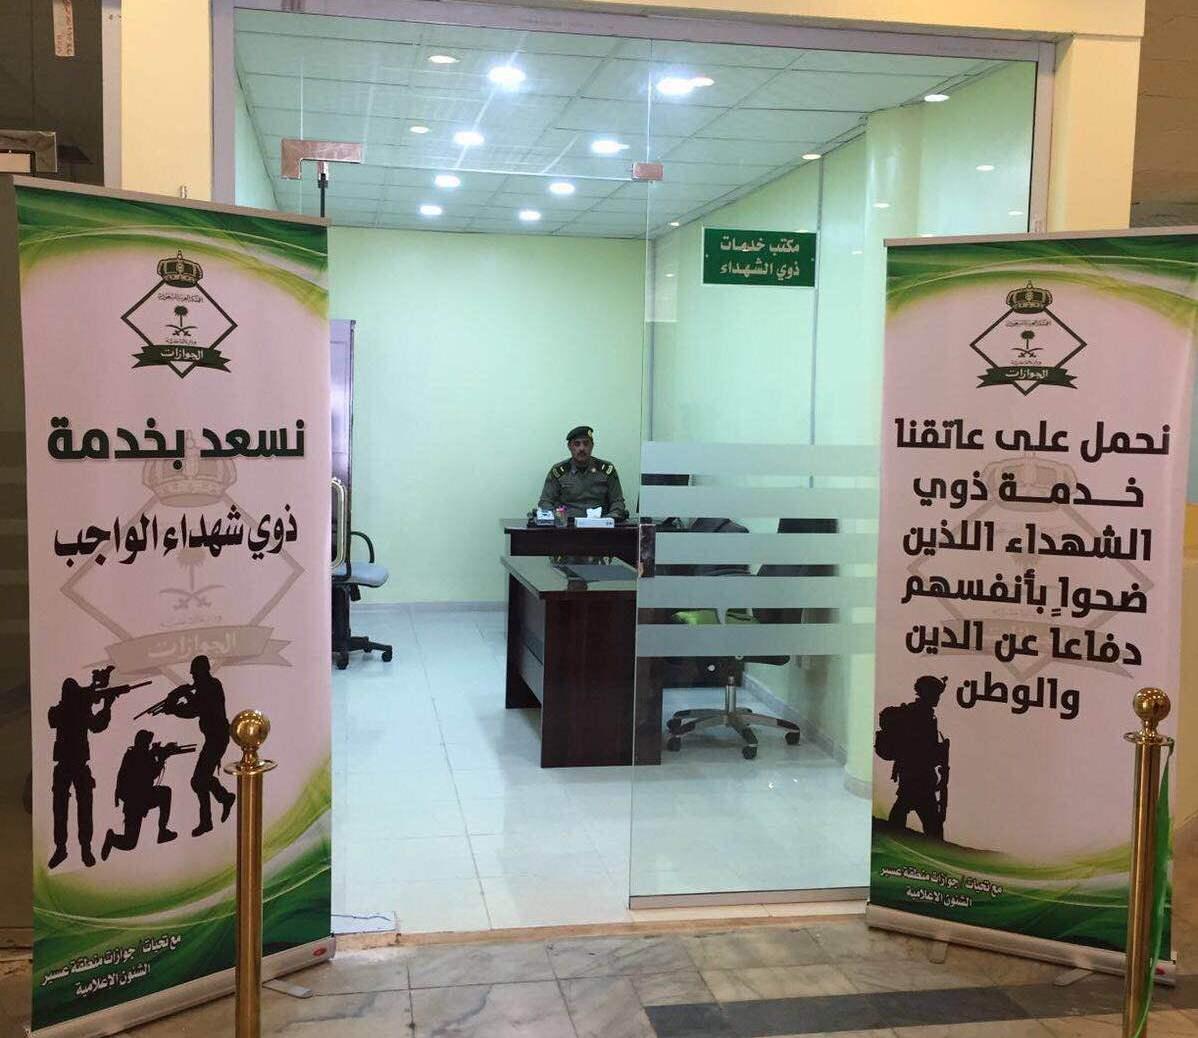 جوازات منطقة عسير تفتتح مكتب لخدمة ذوي شهداء الواجب (3)